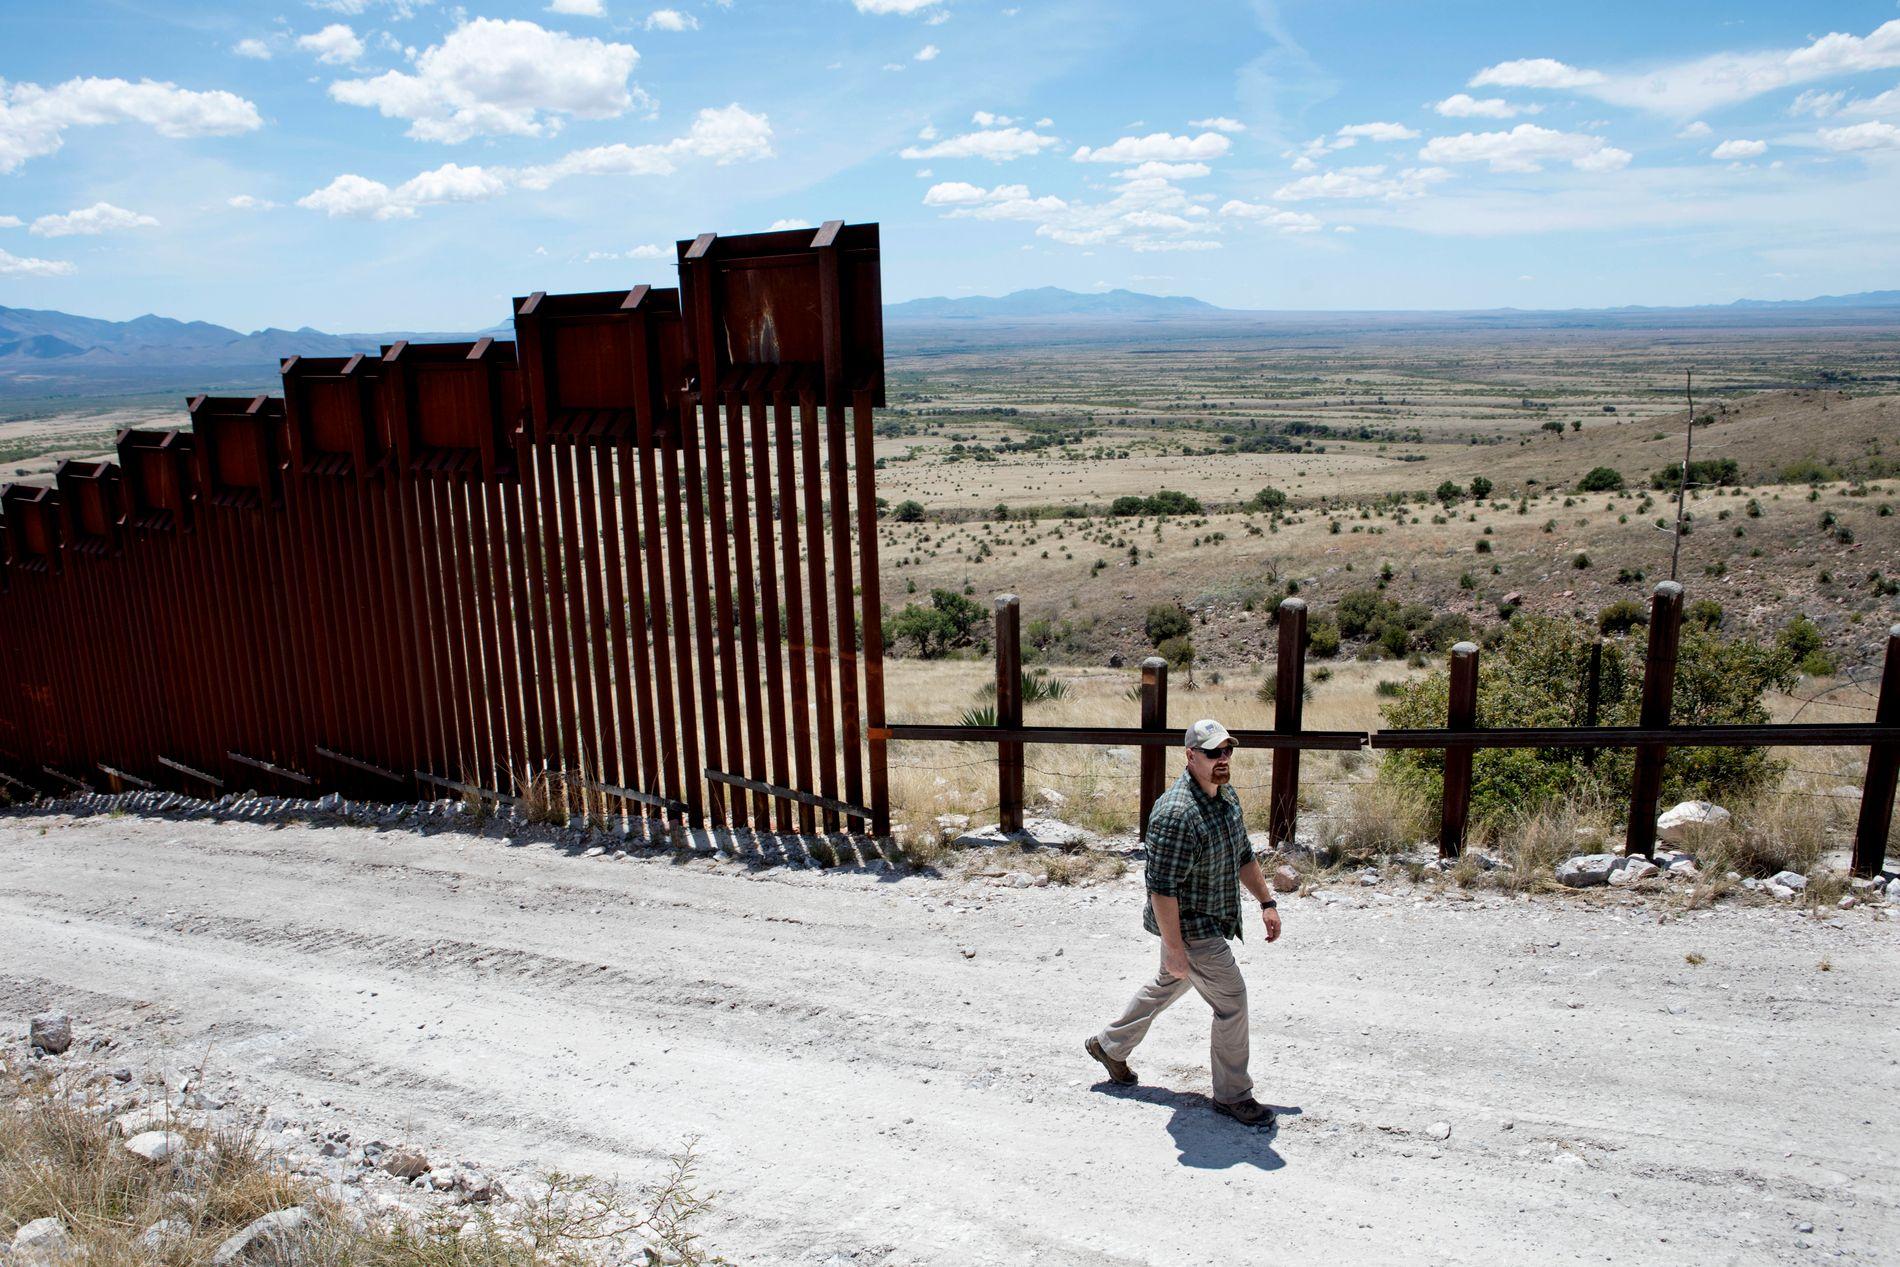 SLUTT PÅ MUREN: Sersjant Tim Williams har installert hundrevis av kameraer i Cochise fylke. Her er det slutt på det høye grensegjerdet fordi det kommer et lite fjell. Her går smuglerne og migrantene.